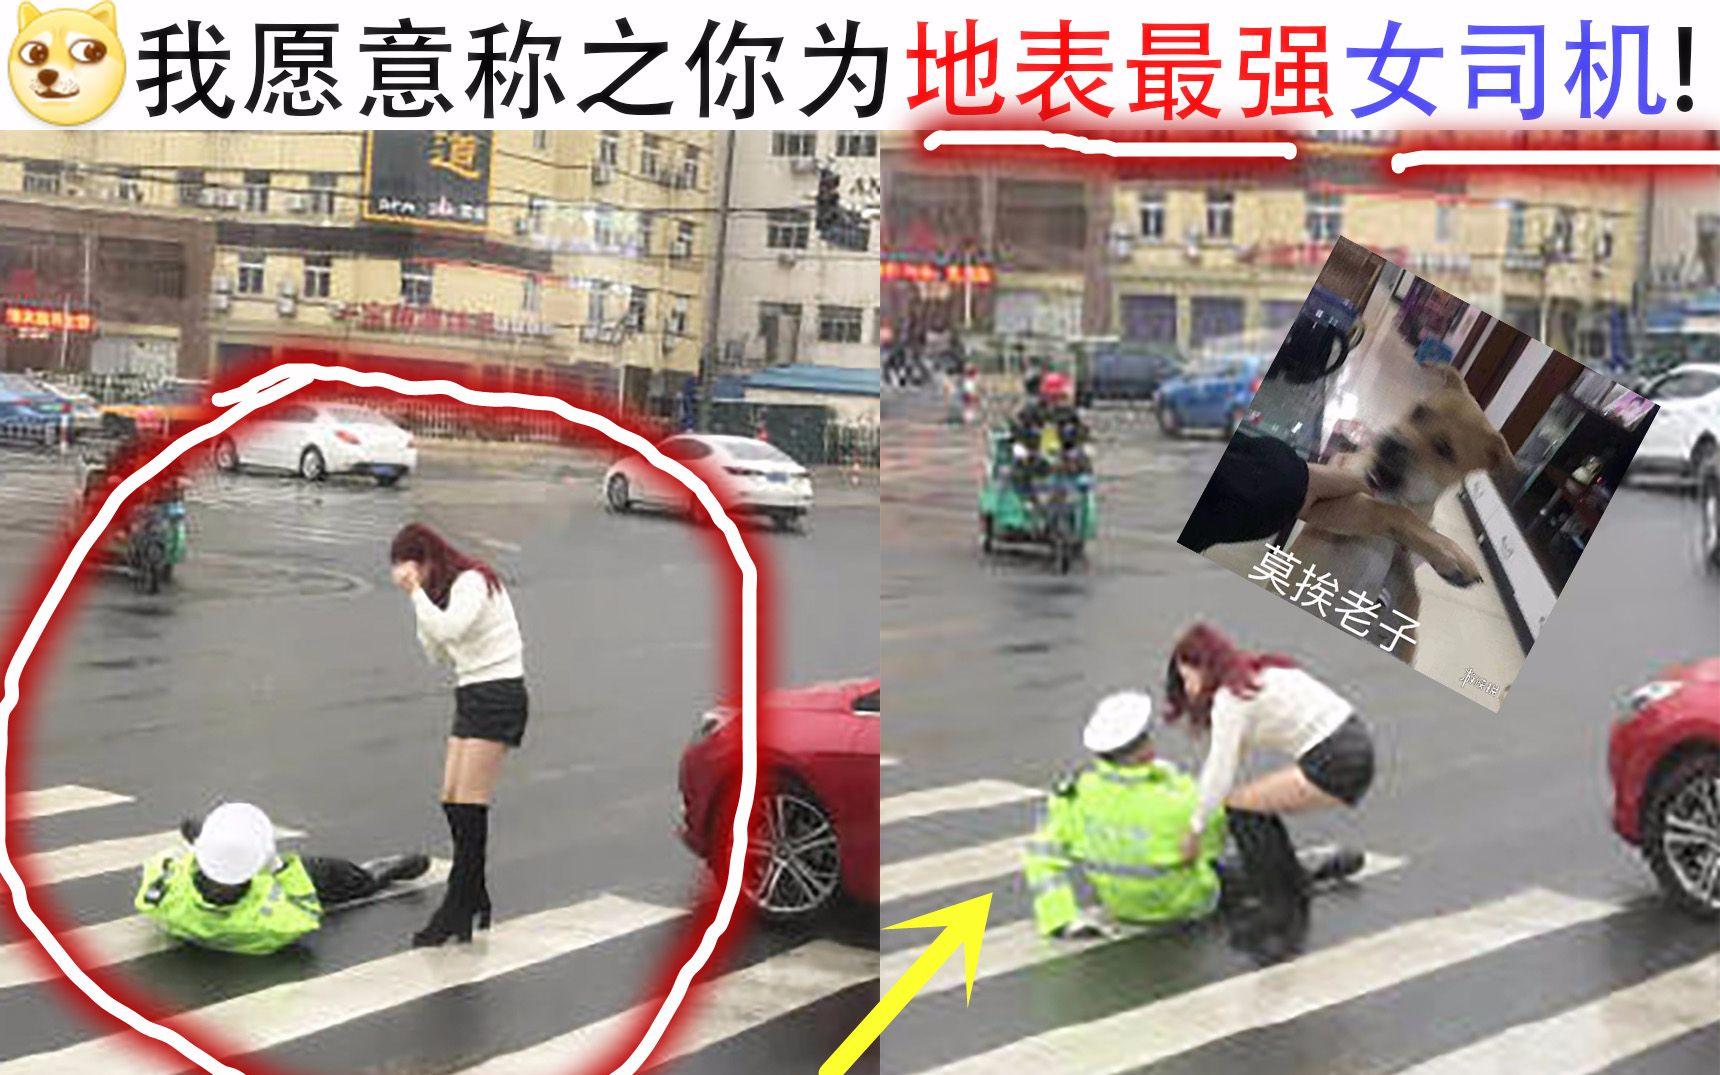 交警:我做梦也想不到我会被车撞,滚!莫挨老子 w(゜Д゜)w 哈哈哈,网上那些笑到想写作业的沙雕图#26